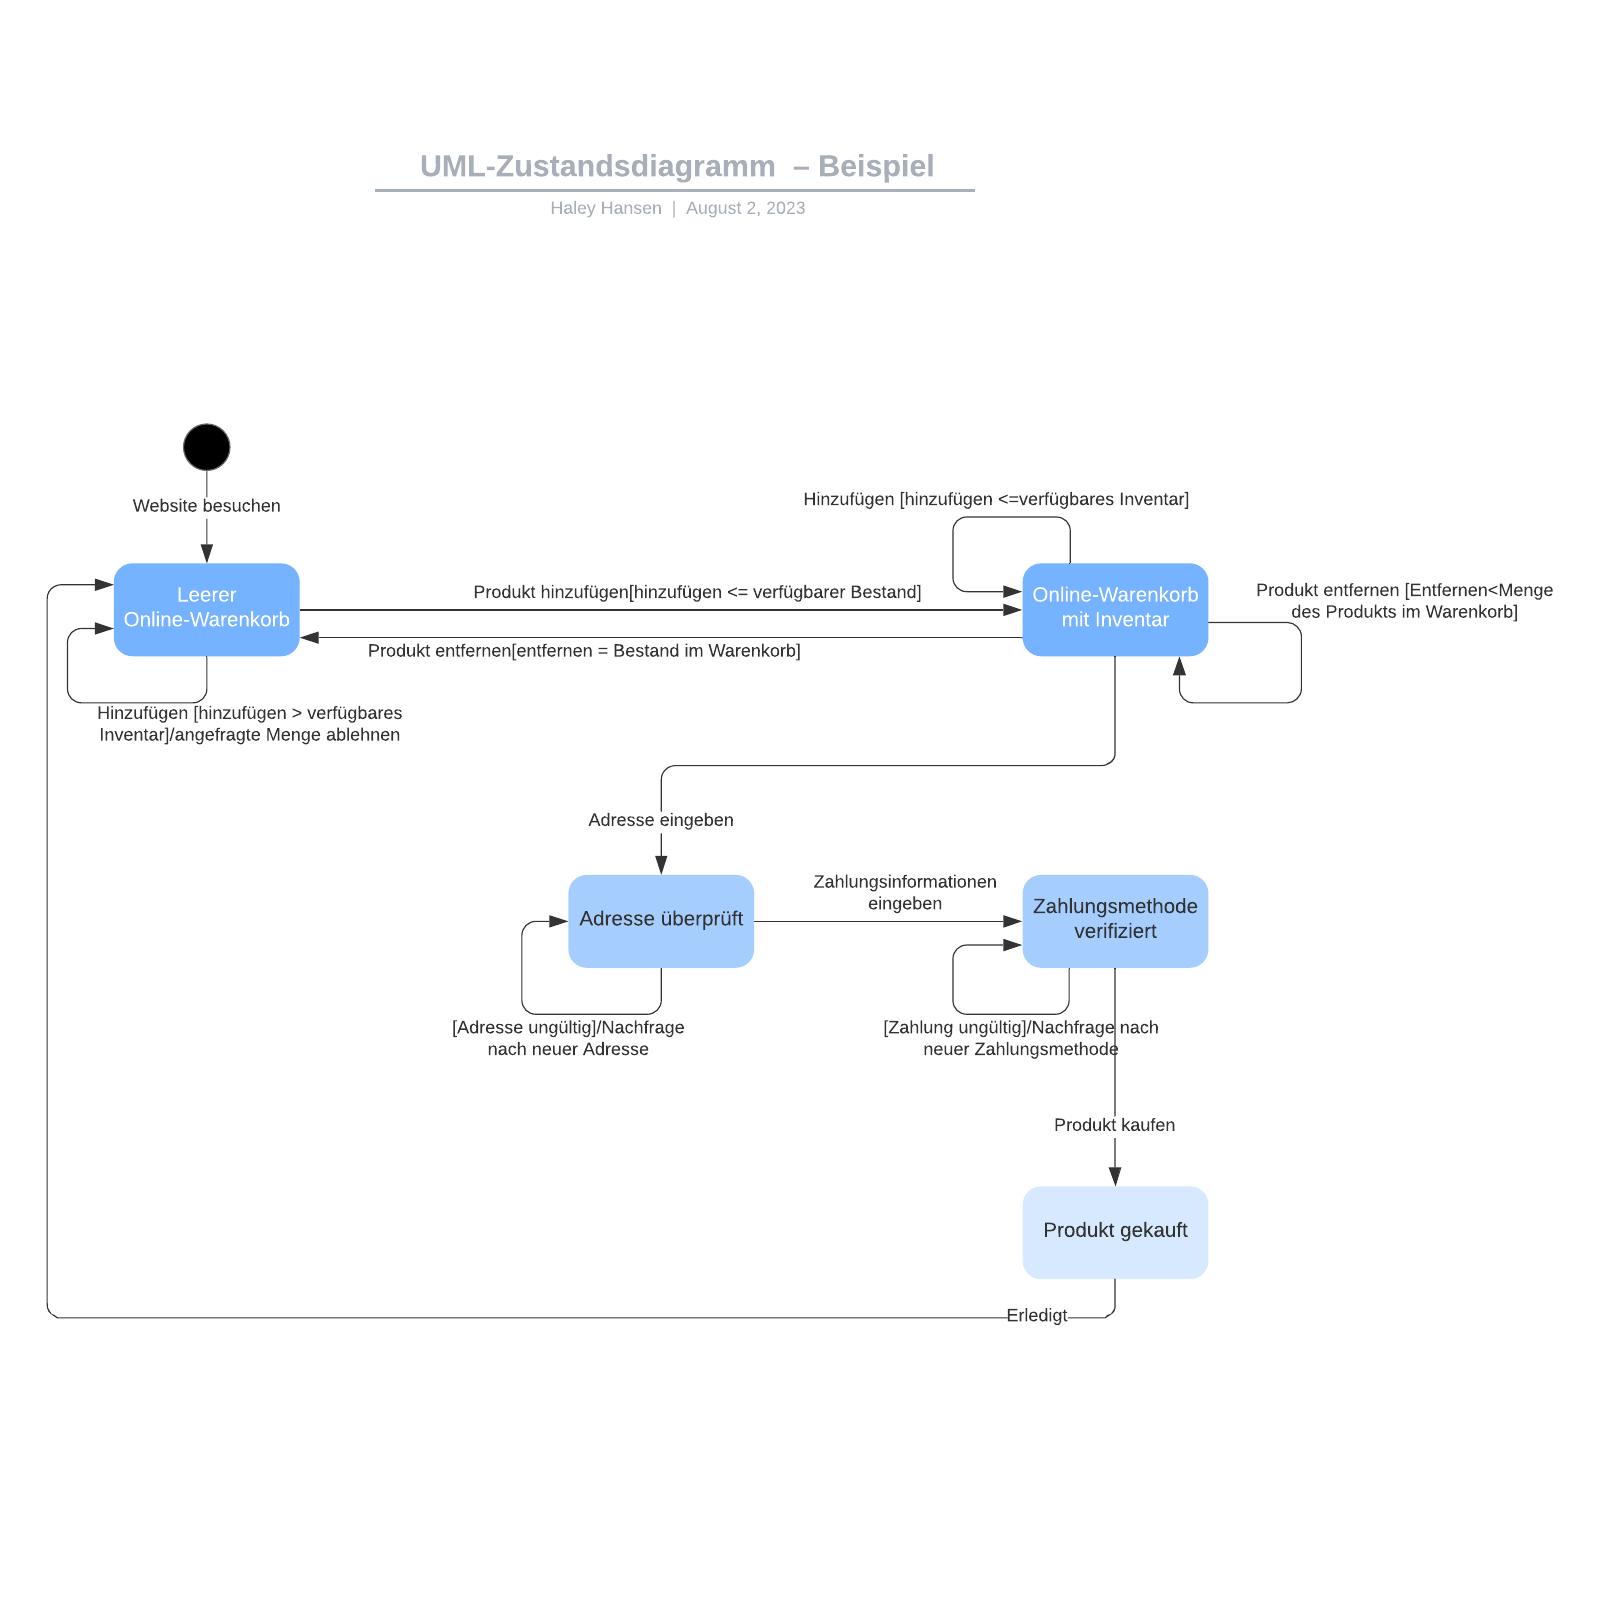 UML-Zustandsdiagramm – Beispiel